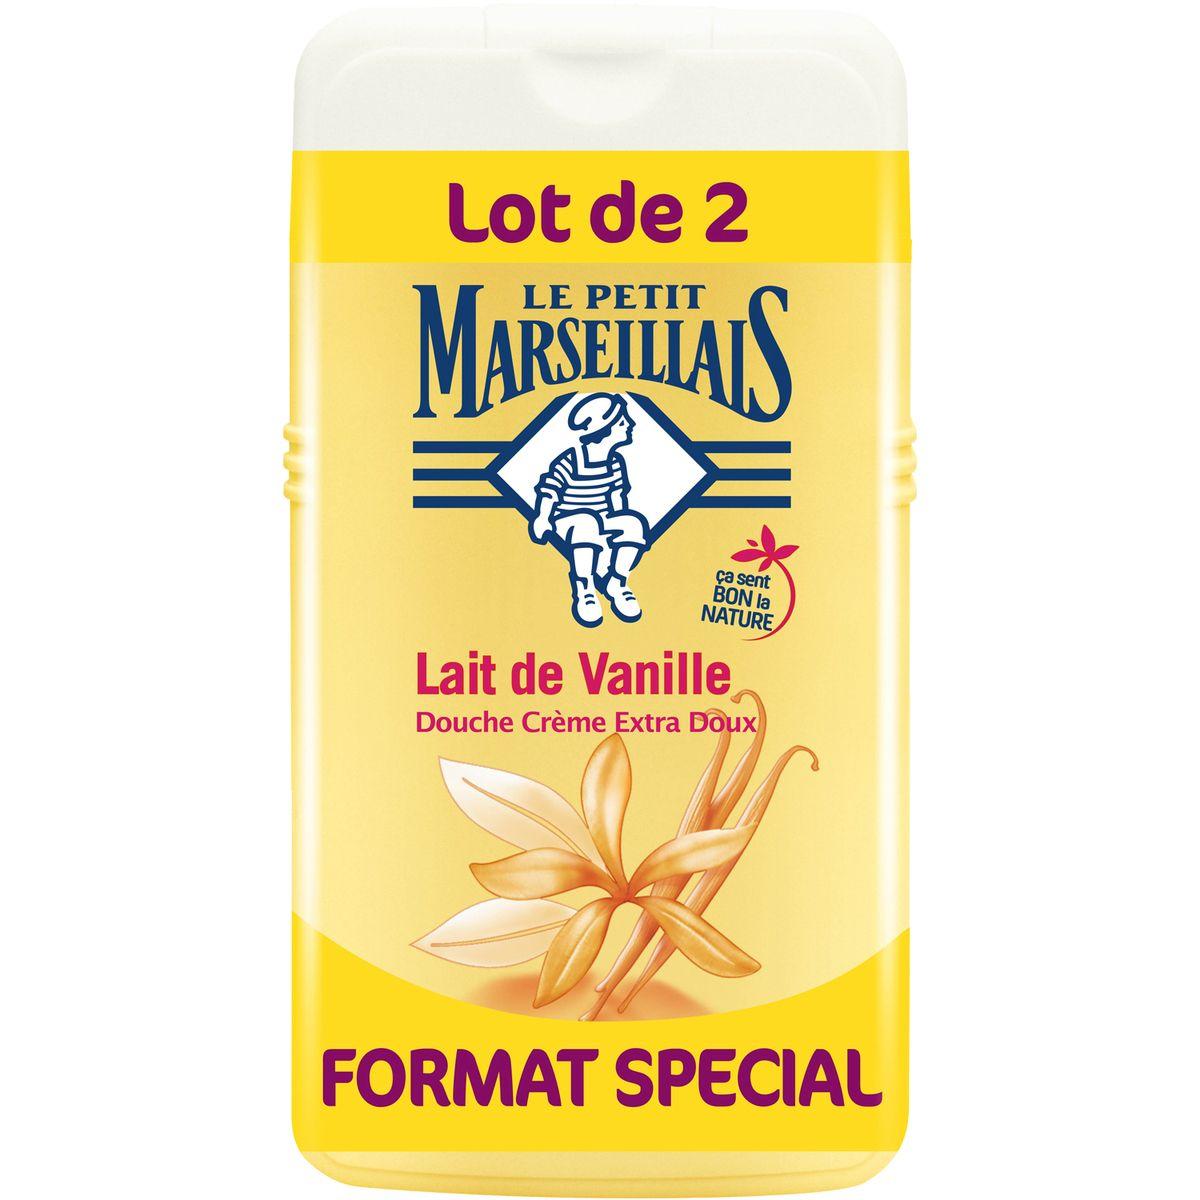 Gel douche à la vanille, Le Petit Marseillais LOT DE 2 (2 x 250 ml)